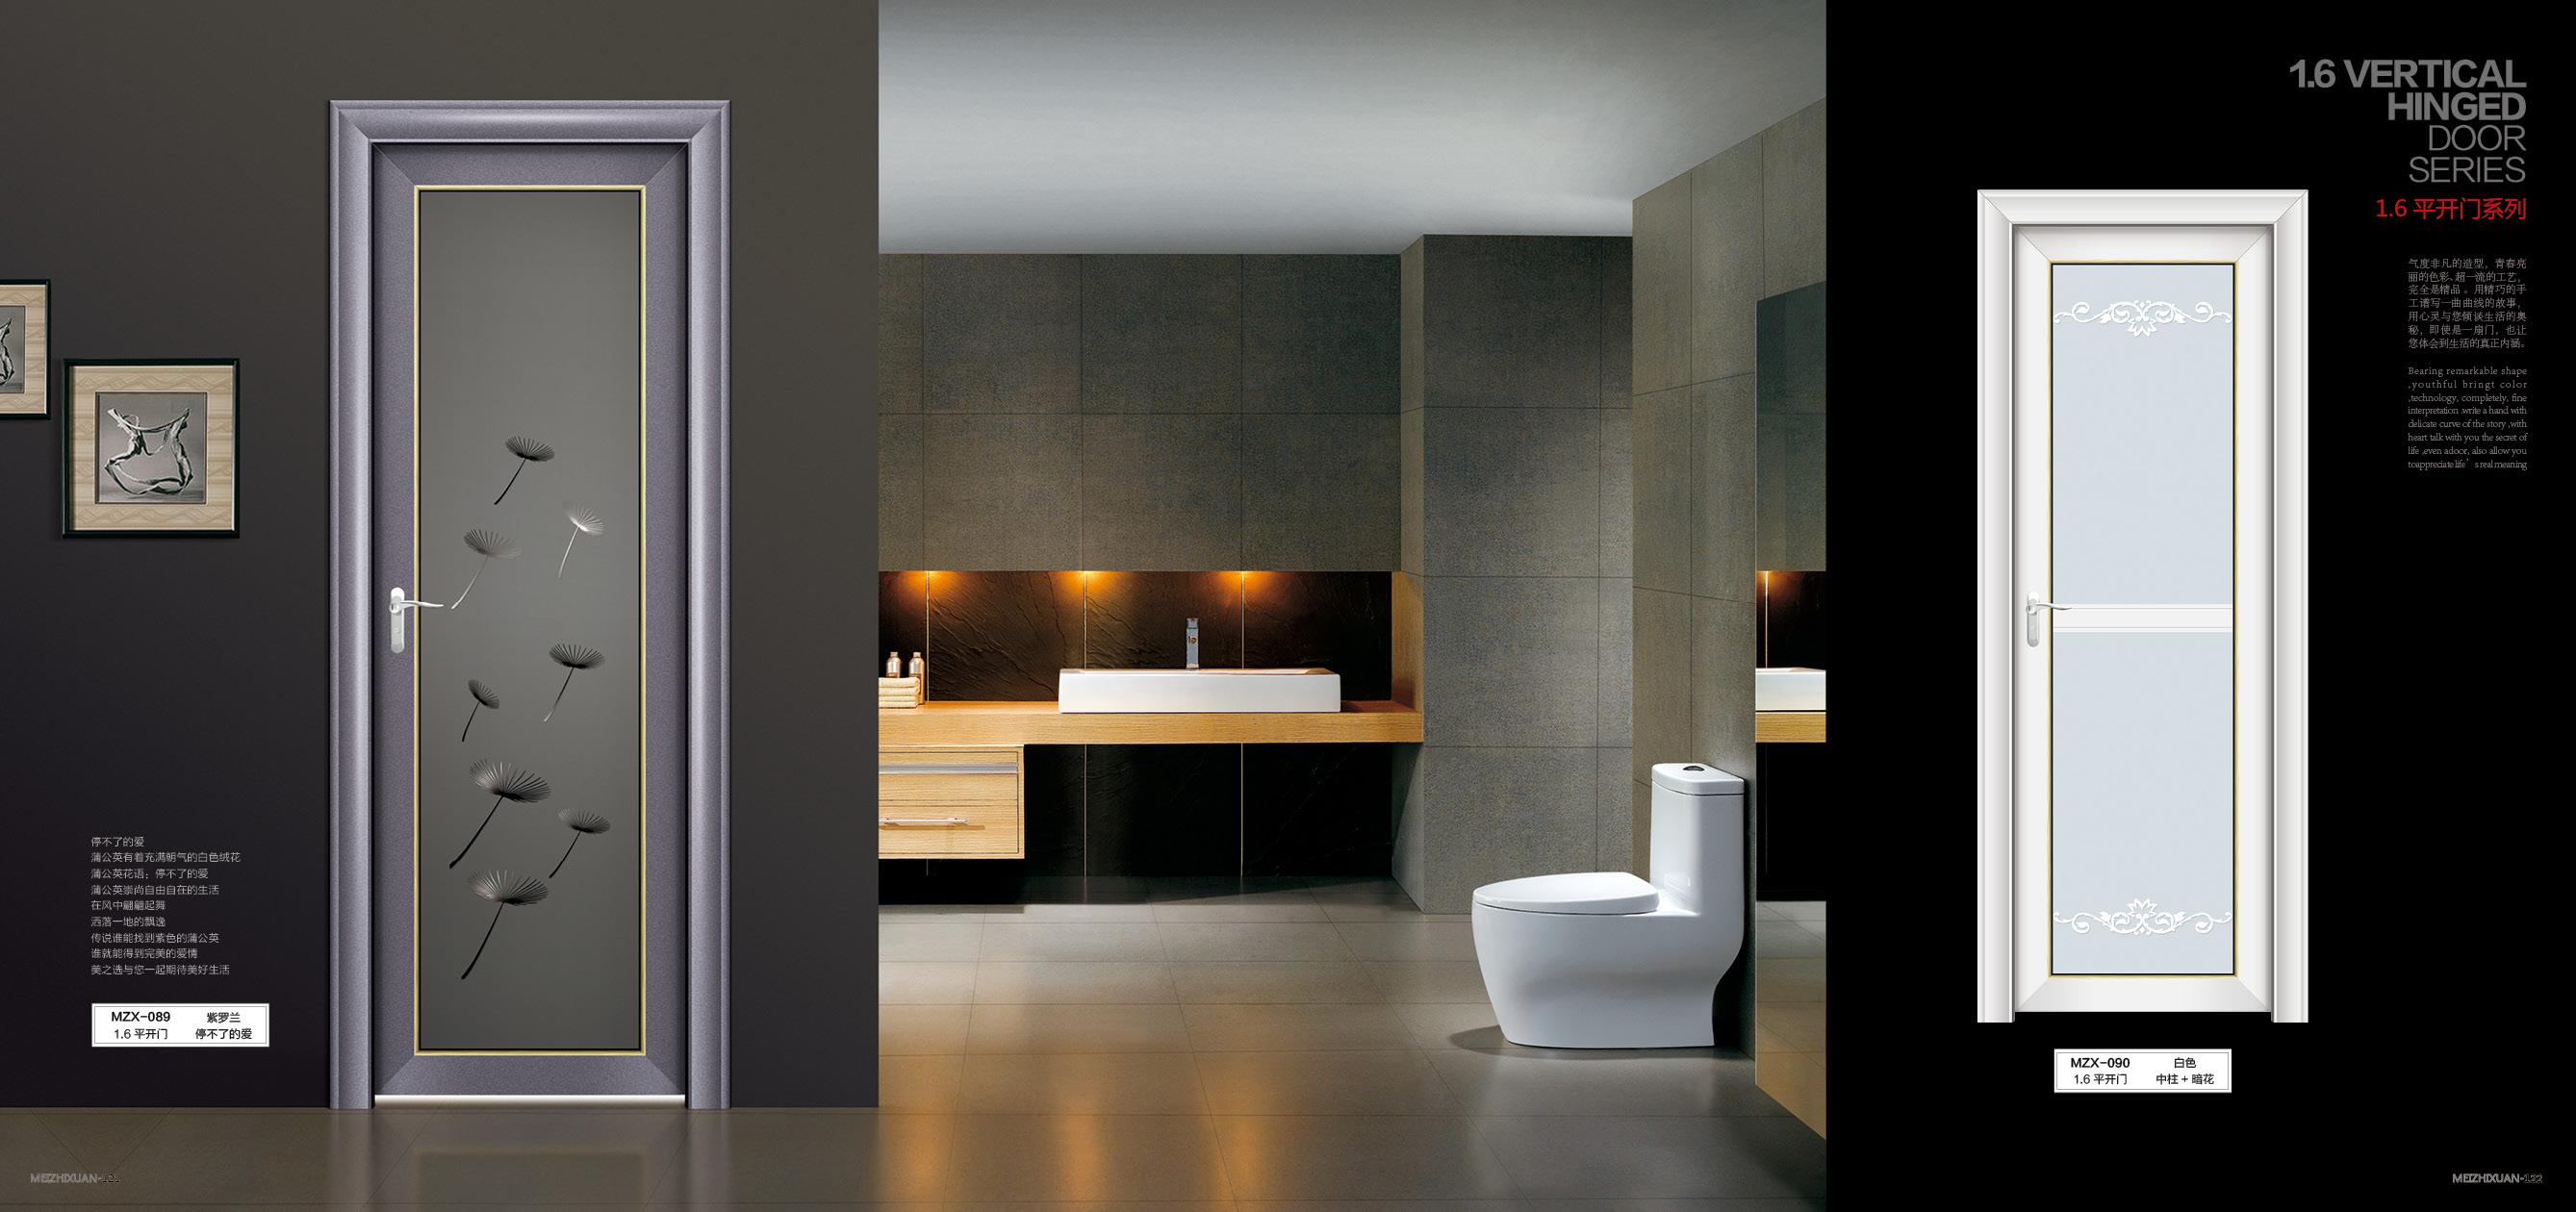 平开门|铝合金平开门|卫生间门|铝合金卫生间门